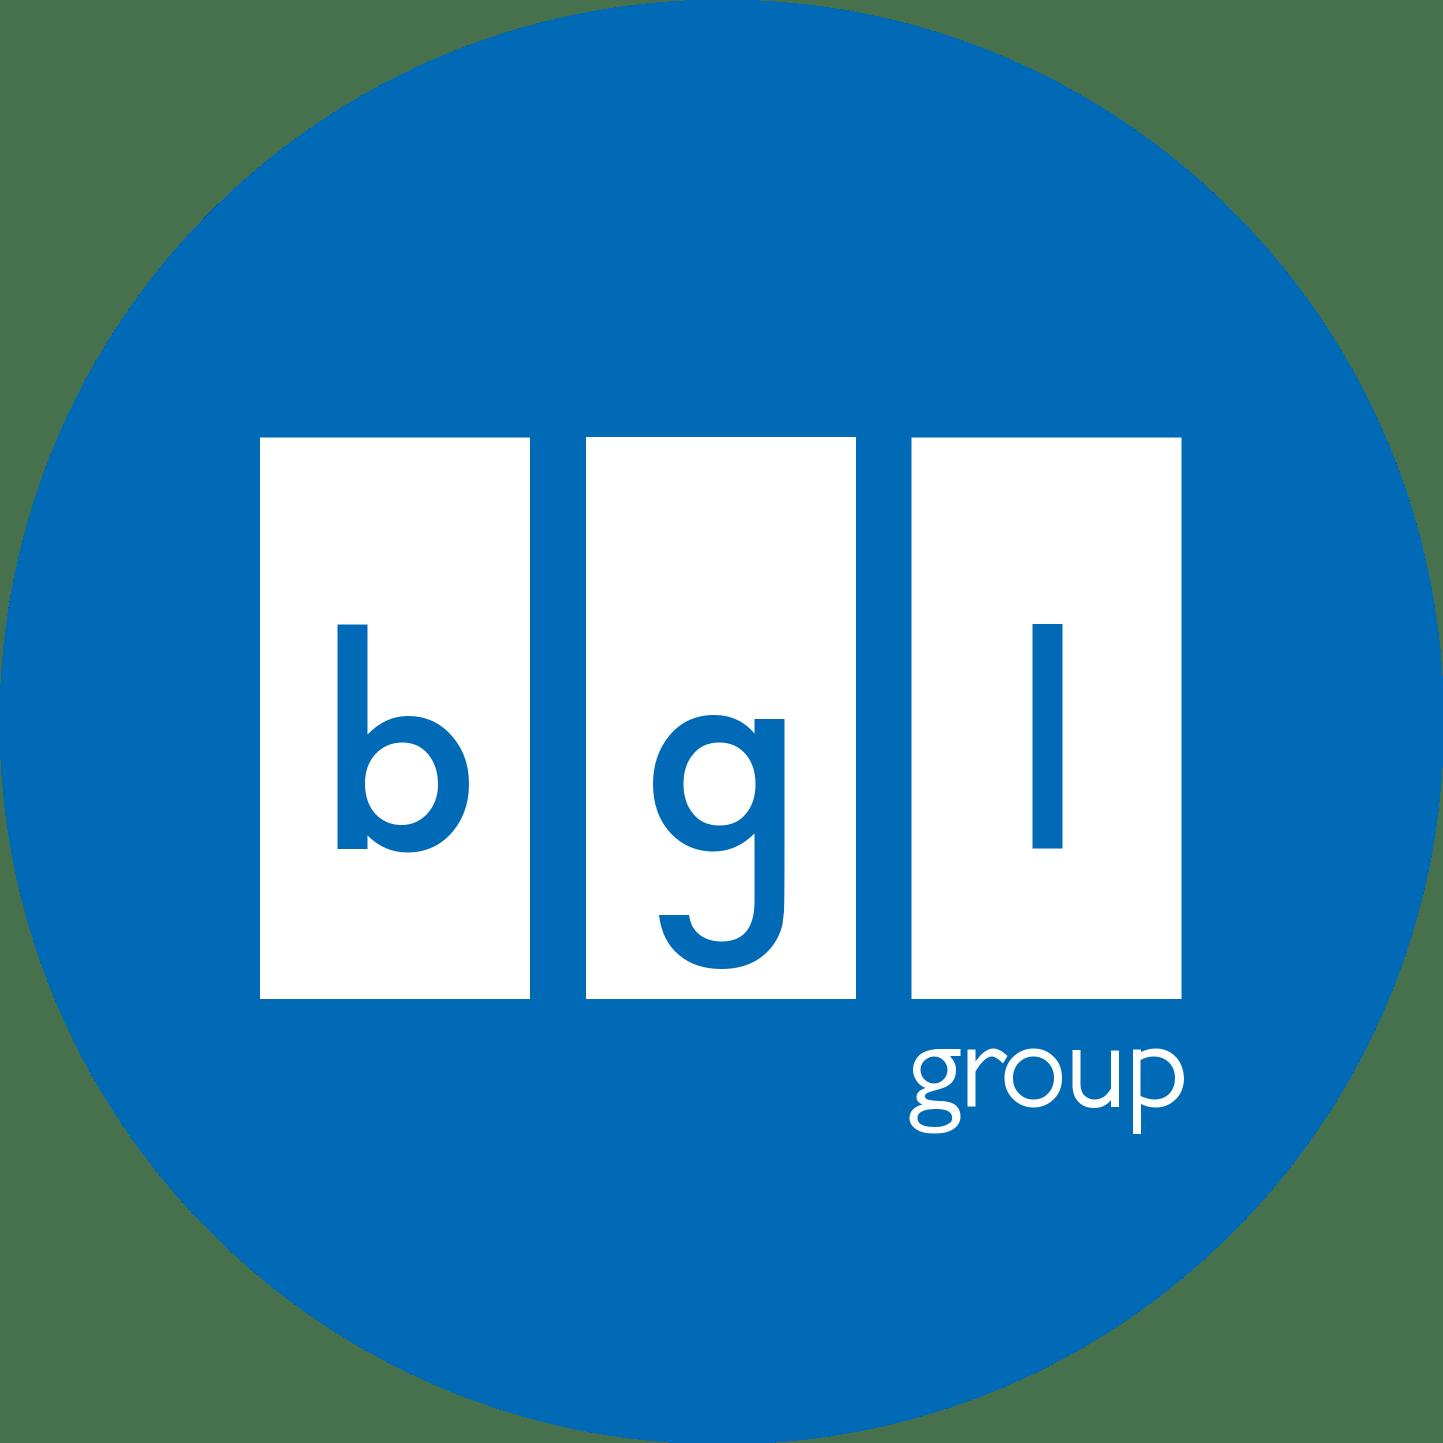 BGL Group company logo